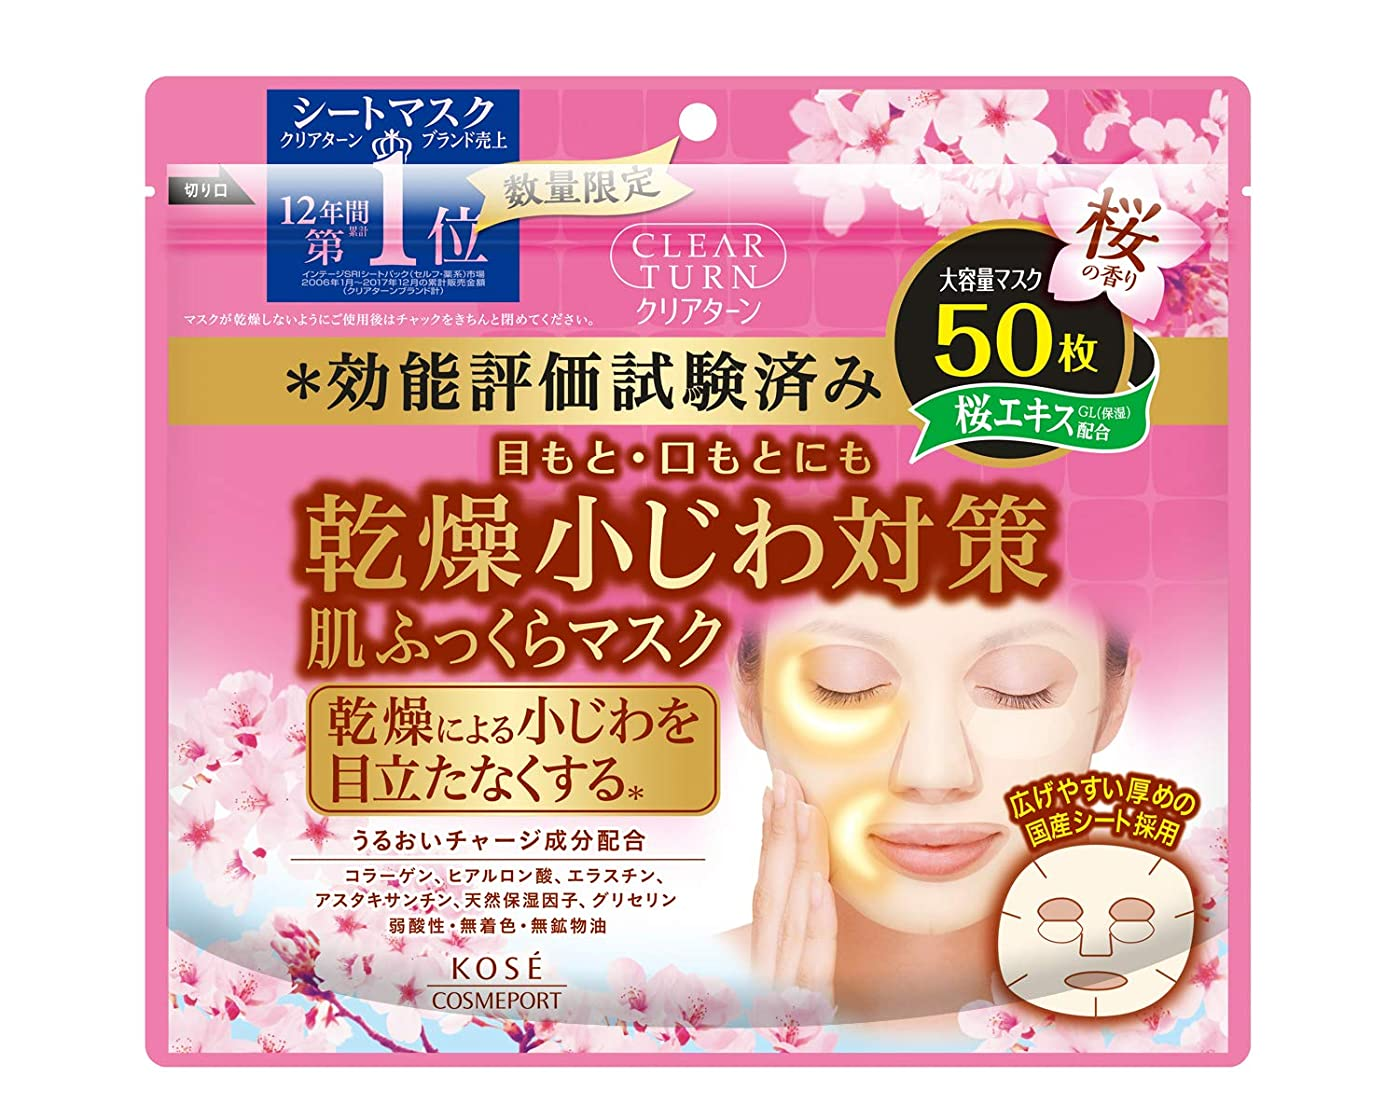 冷ややかなスナッチ経過KOSE クリアターン 肌ふっくらマスク 50枚 桜の香り